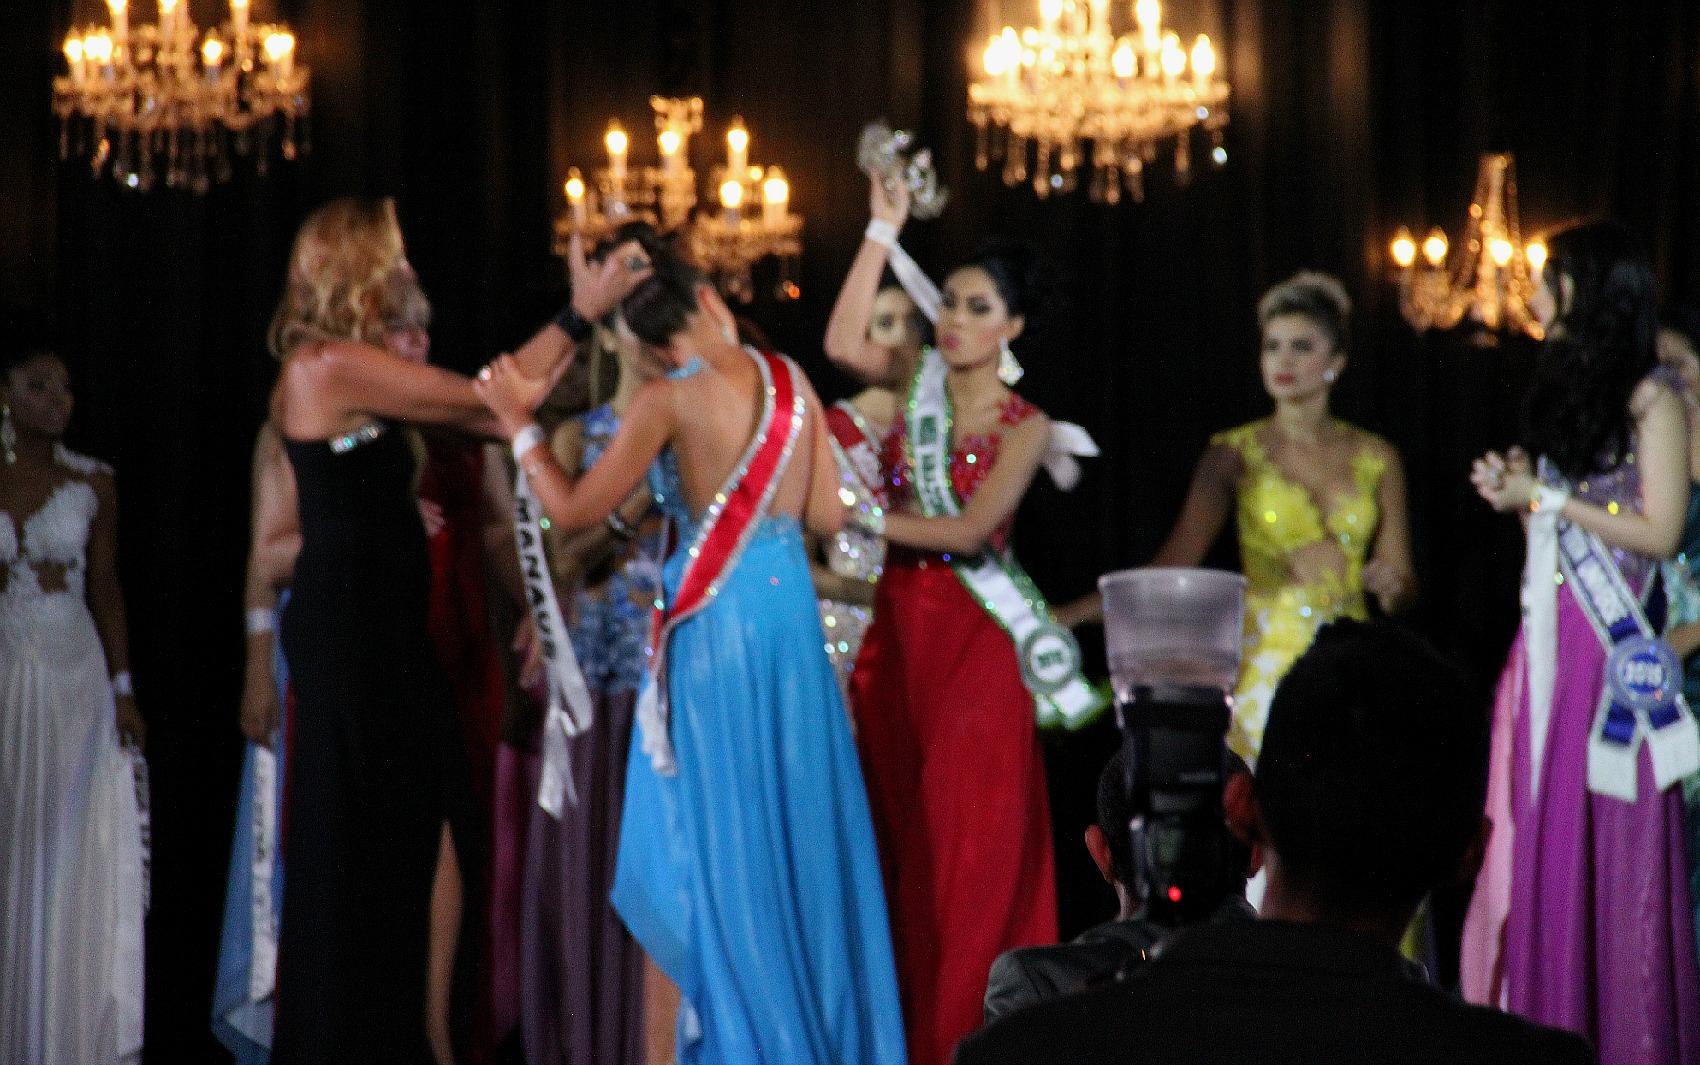 Candidata que ficou com segundo lugar arrancou coroa da vencedora e saiu do palco